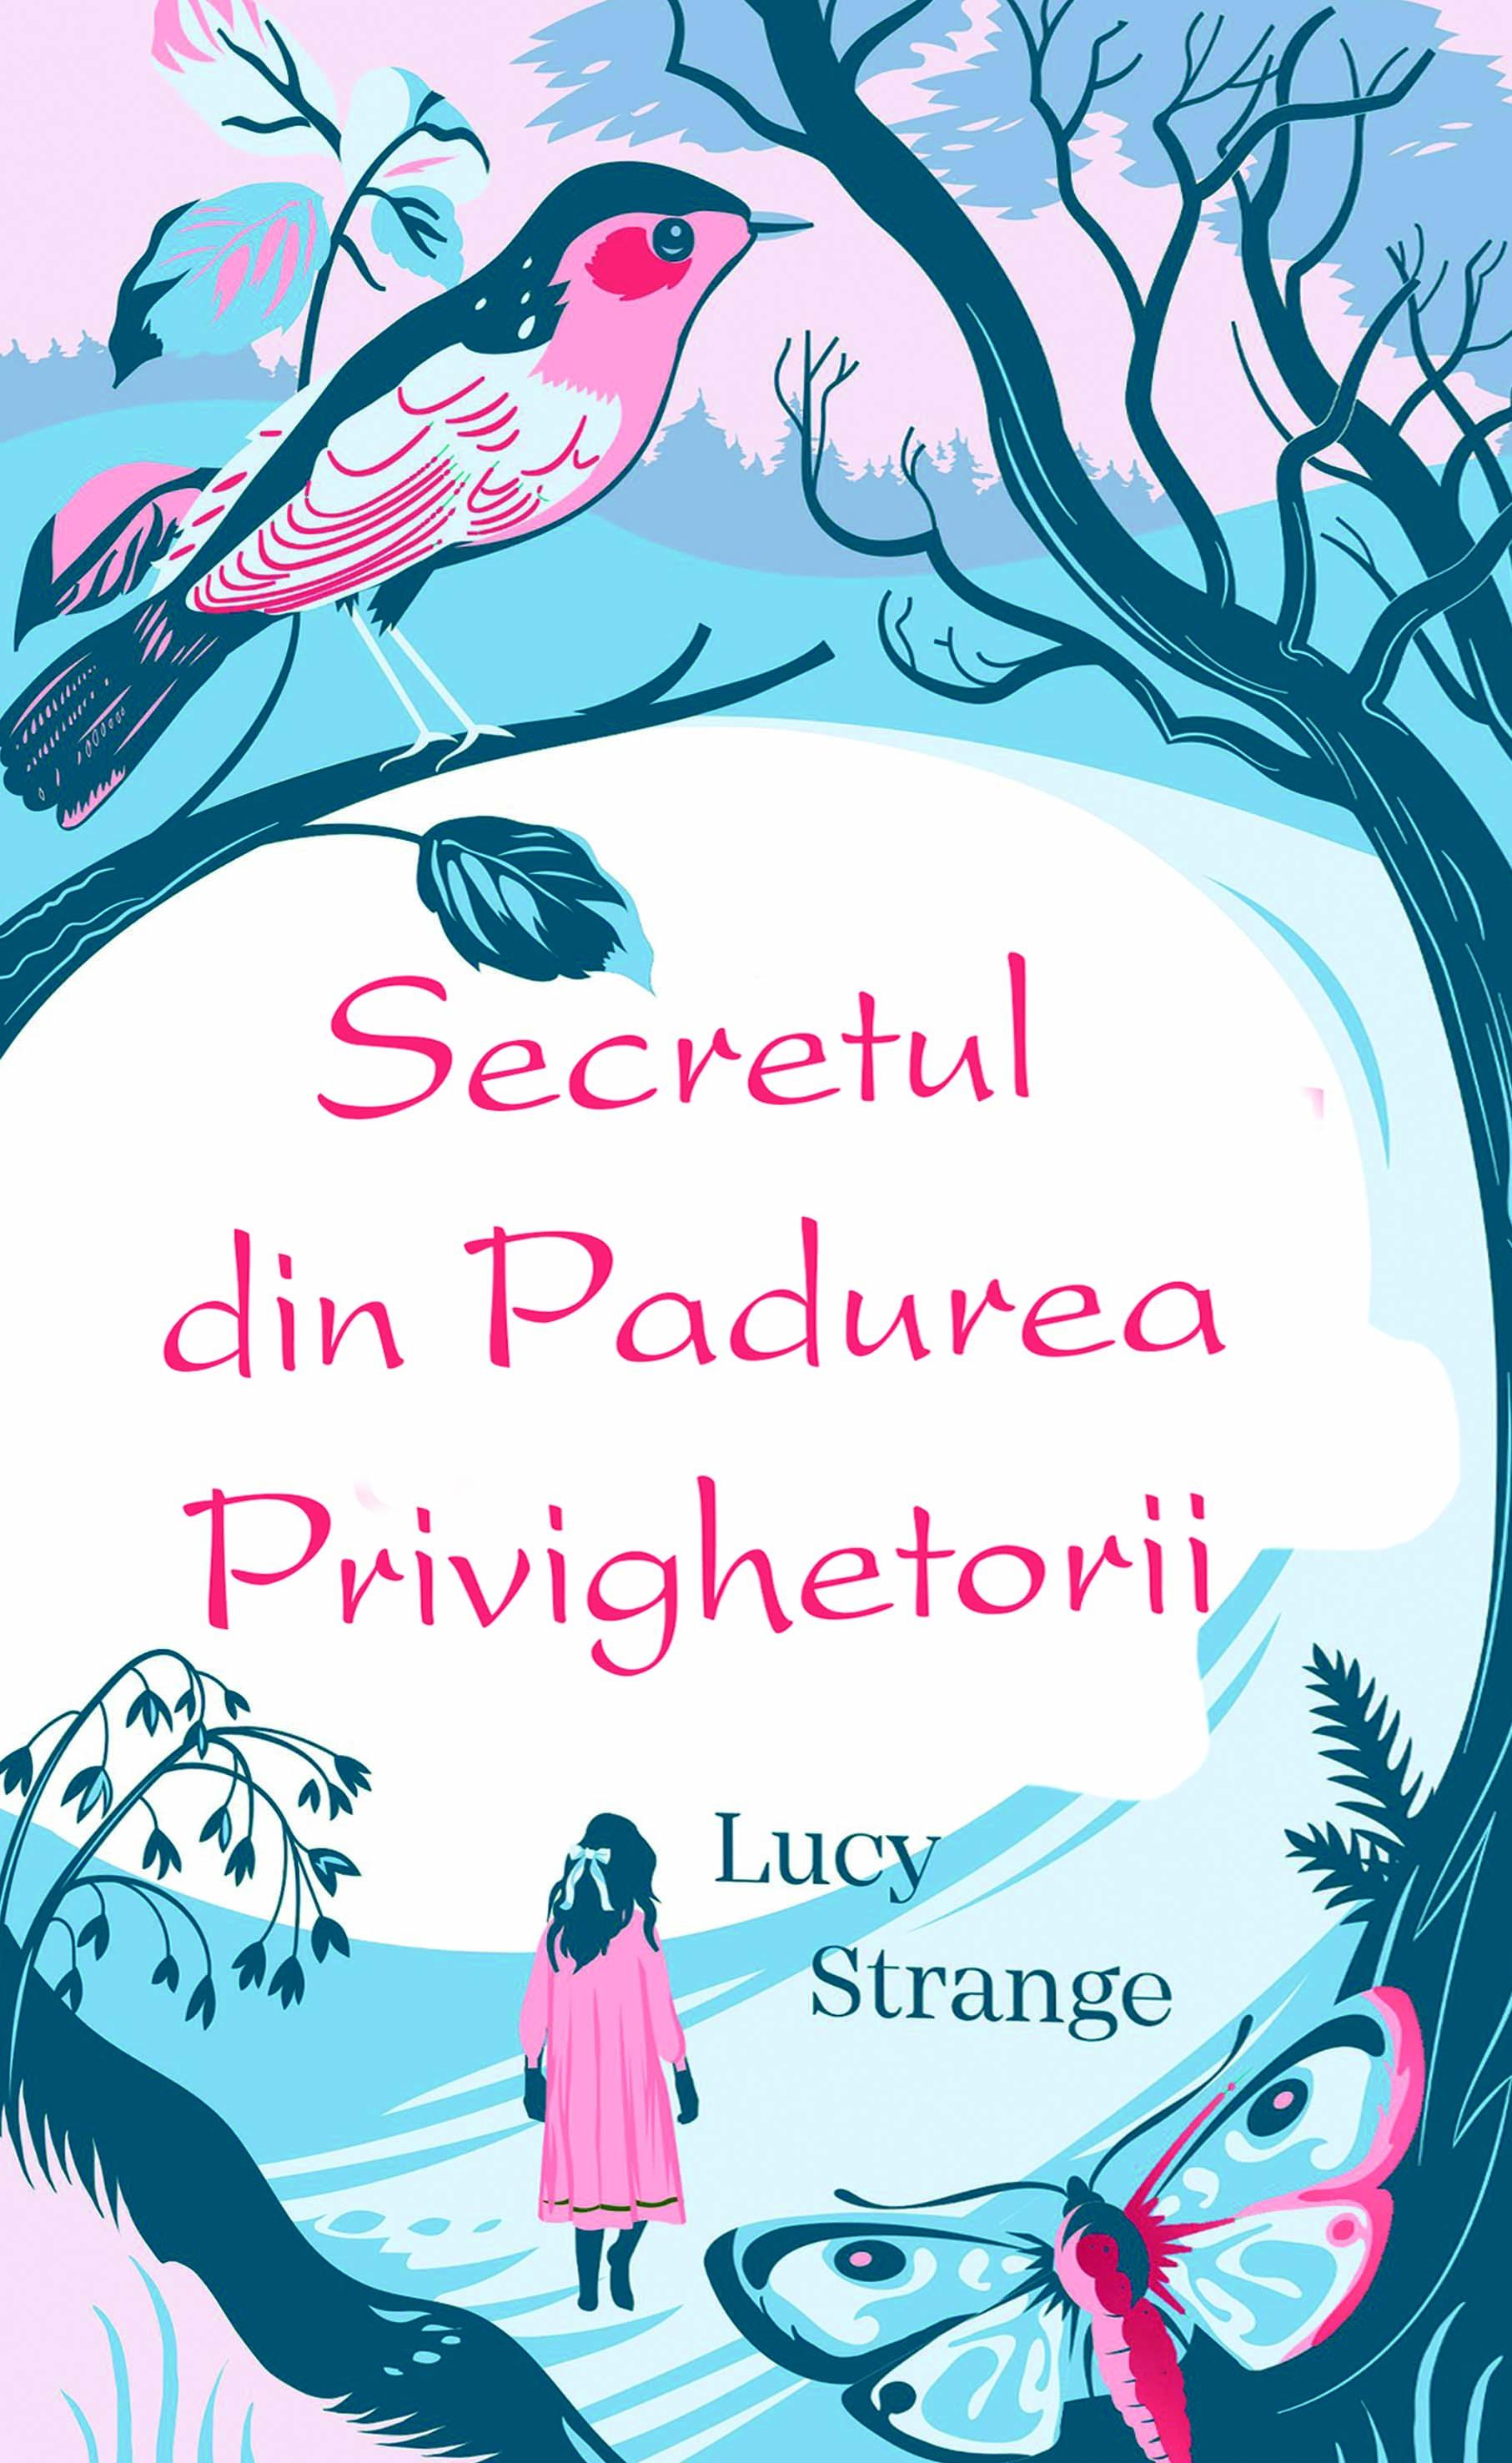 Secretul din padurea privighetorii   Lucy Strange